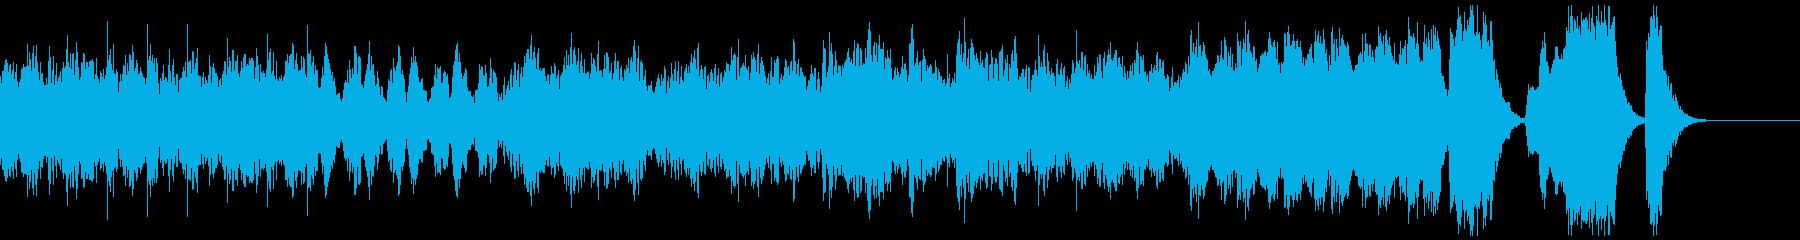 弦楽四重奏のための風の再生済みの波形